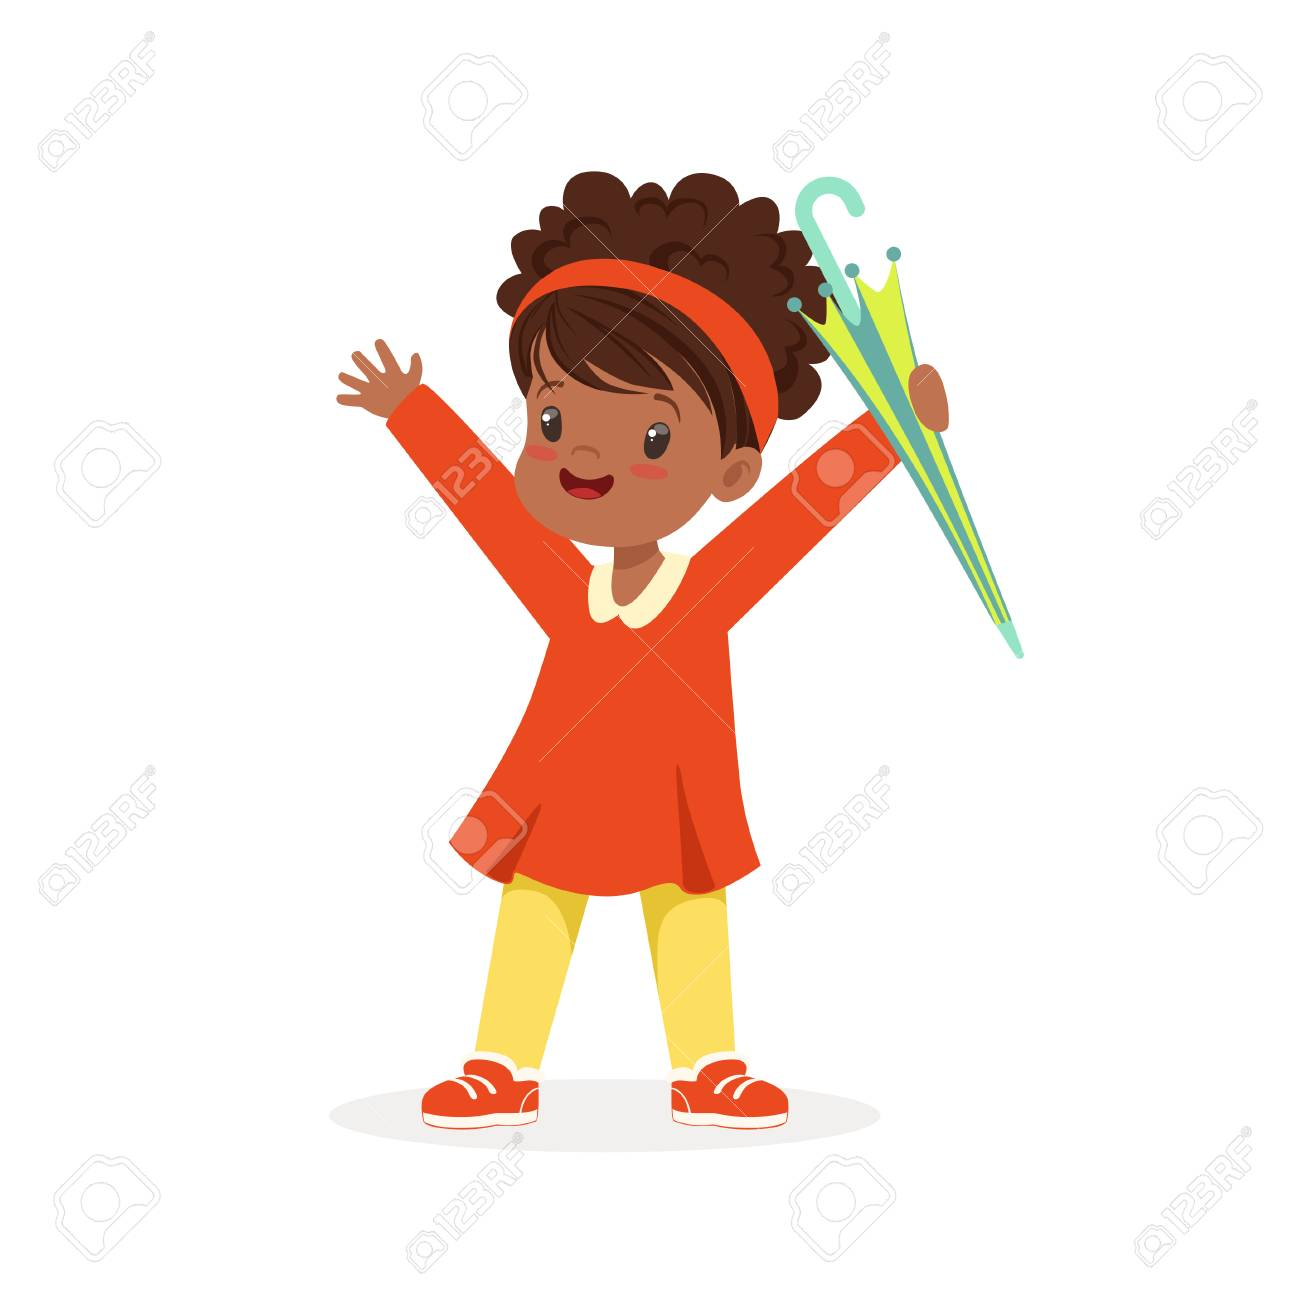 Mignonne Heureuse Petite Fille Noire Debout Et Tenant Le Vecteur De Dessin Animé De Parapluie Illustration Sur Fond Blanc